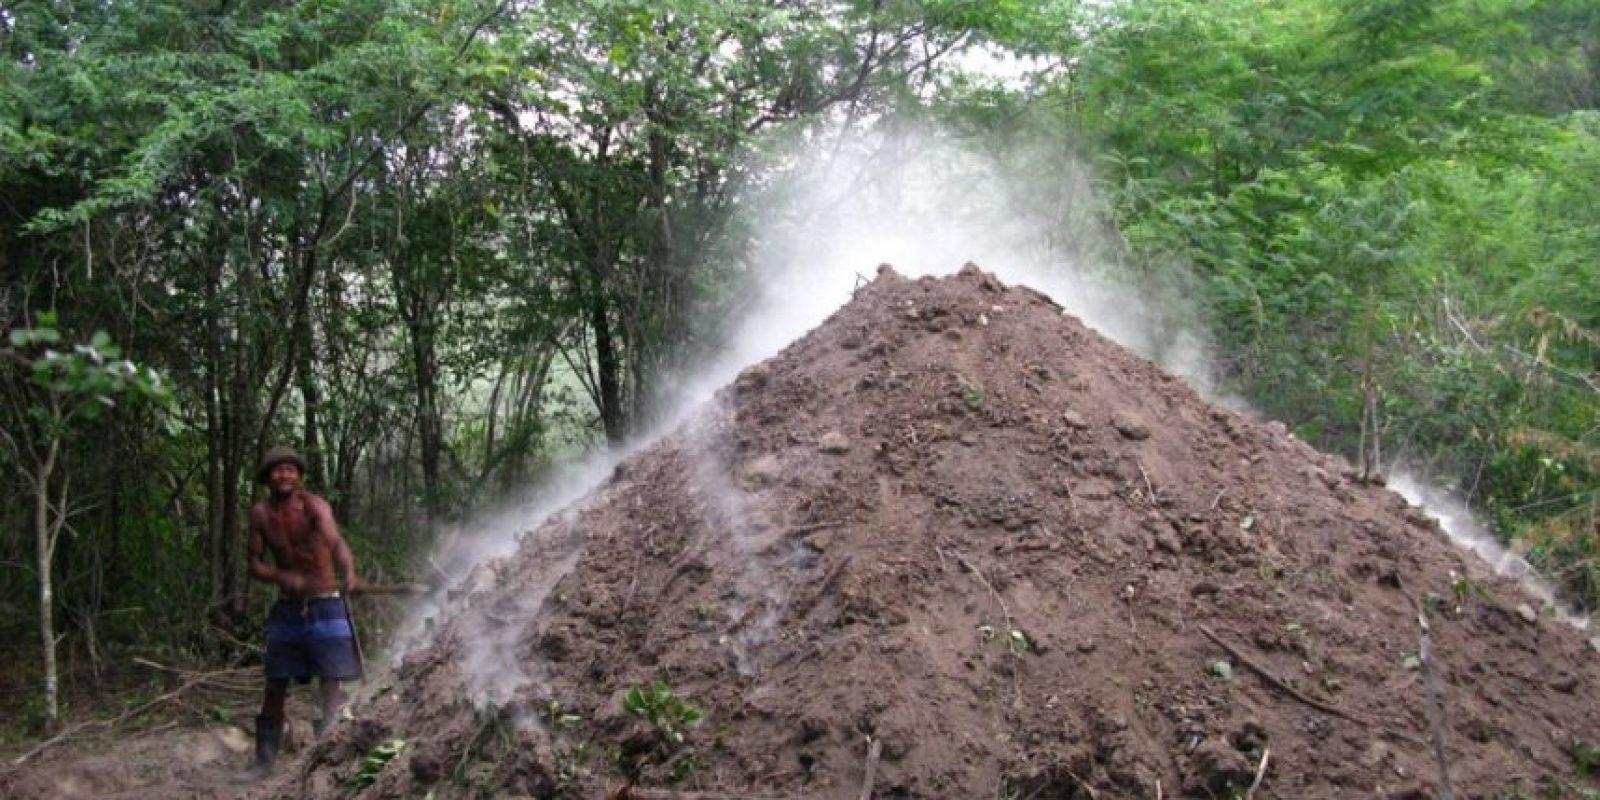 """3- Deforestación. La quema de árboles en República Dominicana no es un secreto para nadie. Basta observar, en uno de esos viajes al interior, el humo que sale de las montañas de la Cordillera Central, donde nacen más de 700 cauces de ríos y arroyos.""""Aunque no tenemos una situación crítica todavía, son preocupantes los niveles de deforestación y de mal manejo de especies que son sembradas. Esto conecta directamente con la situación de erosión y pérdida de biodiversidad"""", subraya Kranwinkel, también integrante de la Comisión Nacional para la Pastoral de Ecología y Medio Ambiente. Foto:Fuente externa"""